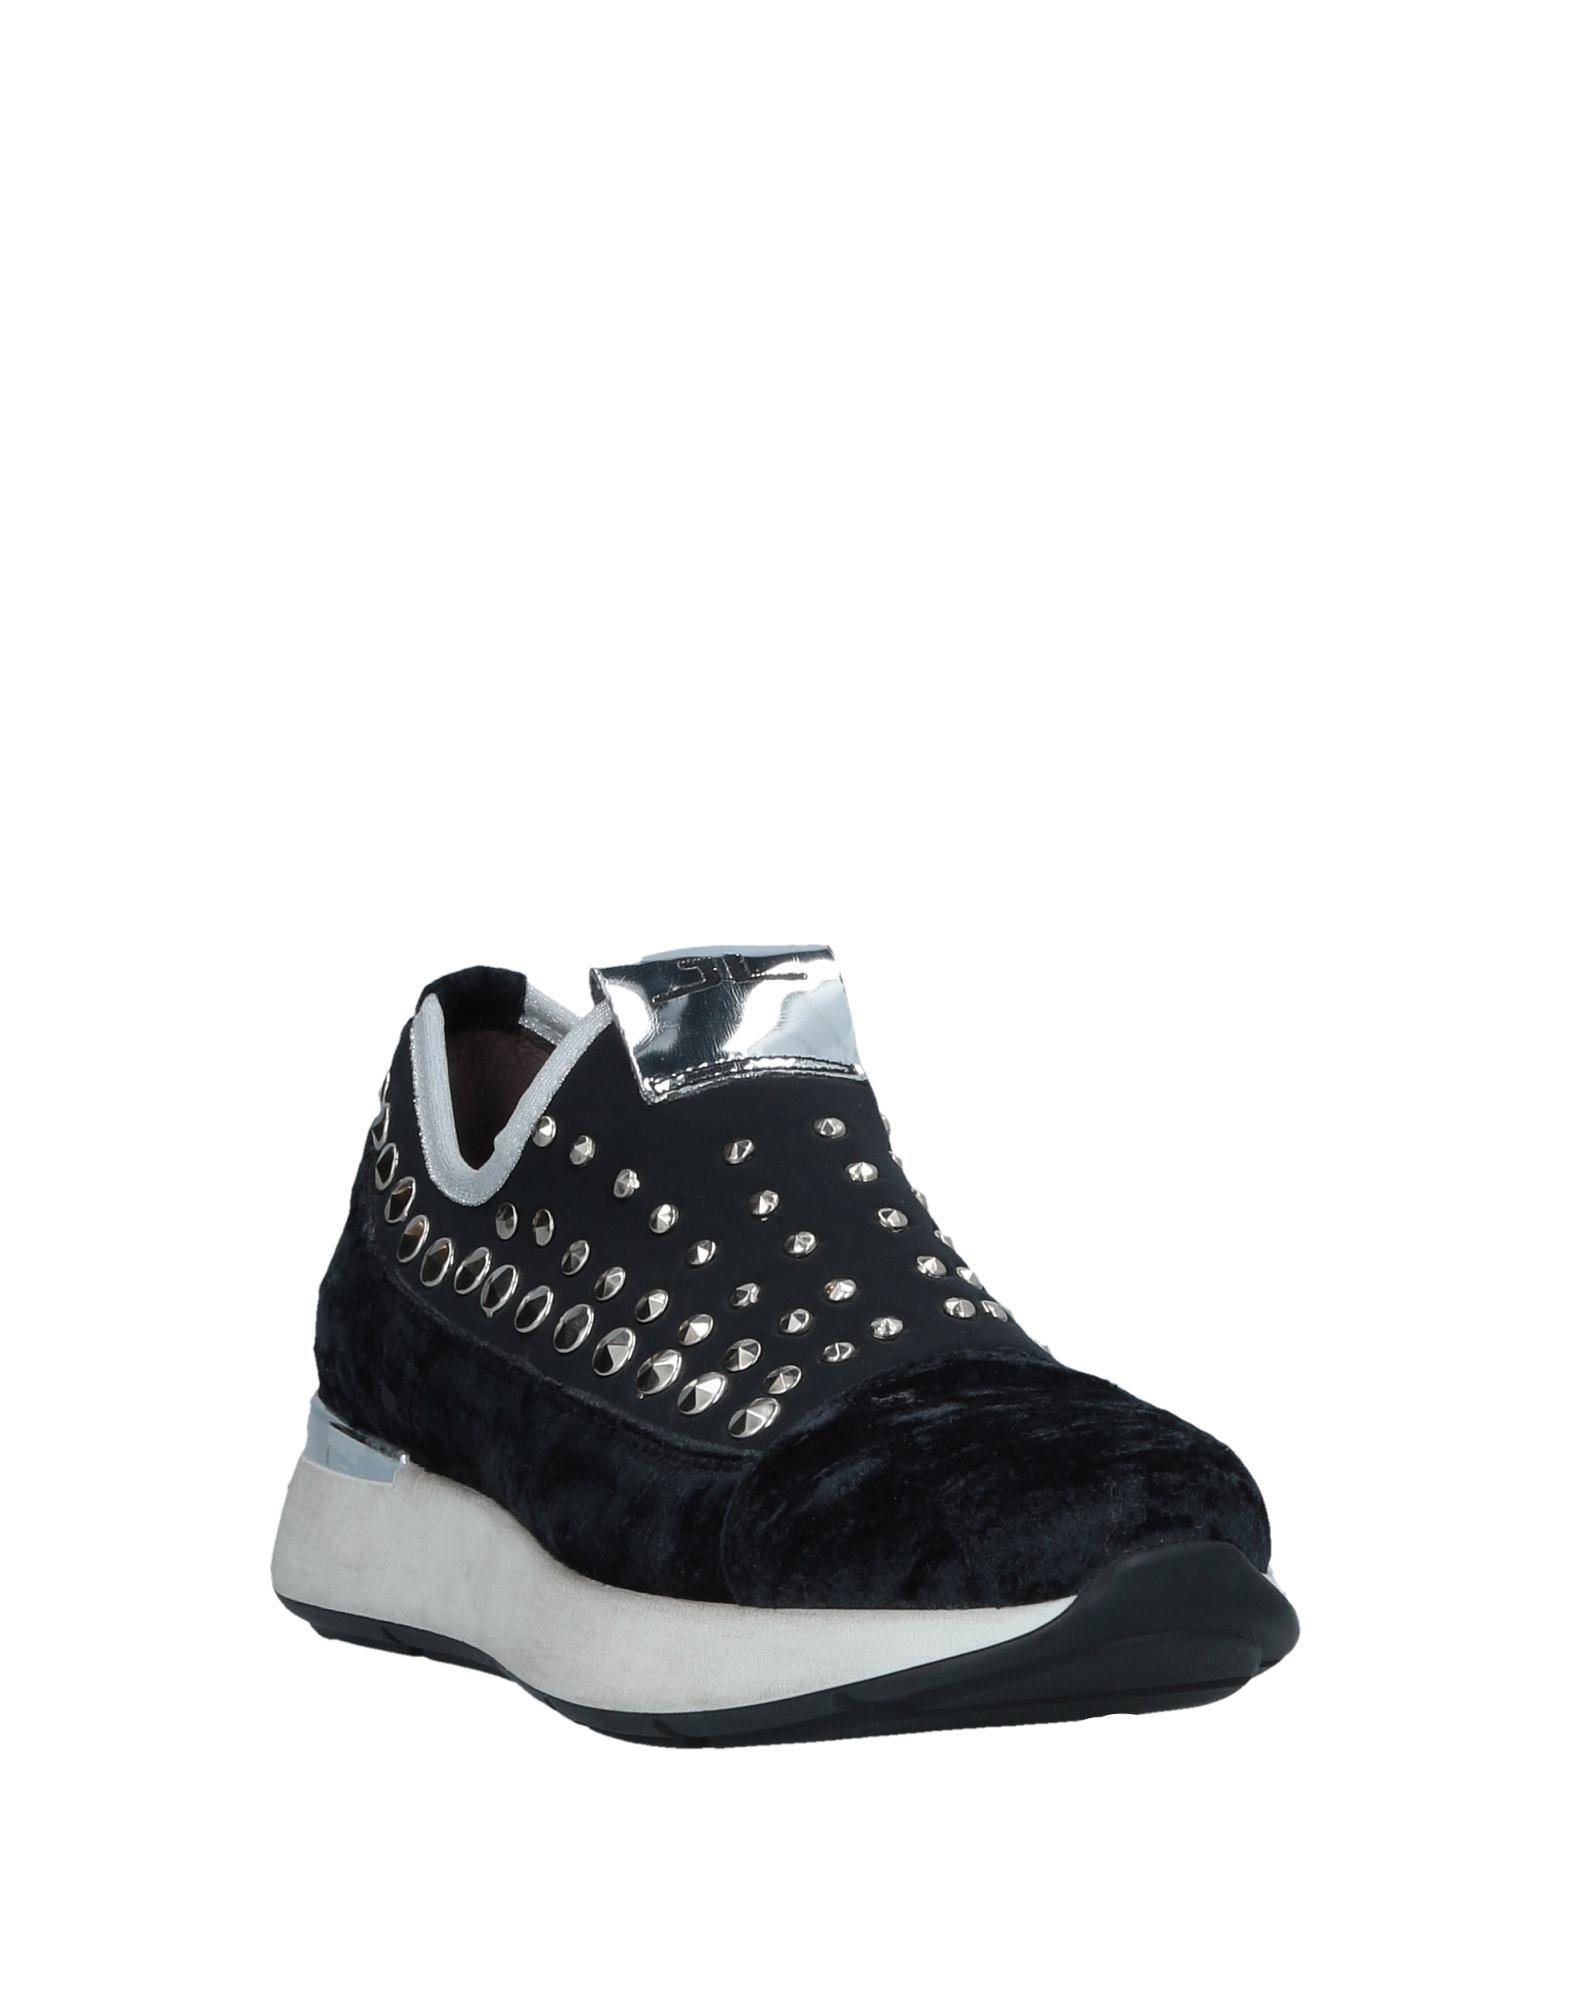 Jackal Damen Sneakers Damen Jackal  11506759PS Gute Qualität beliebte Schuhe a8d32b